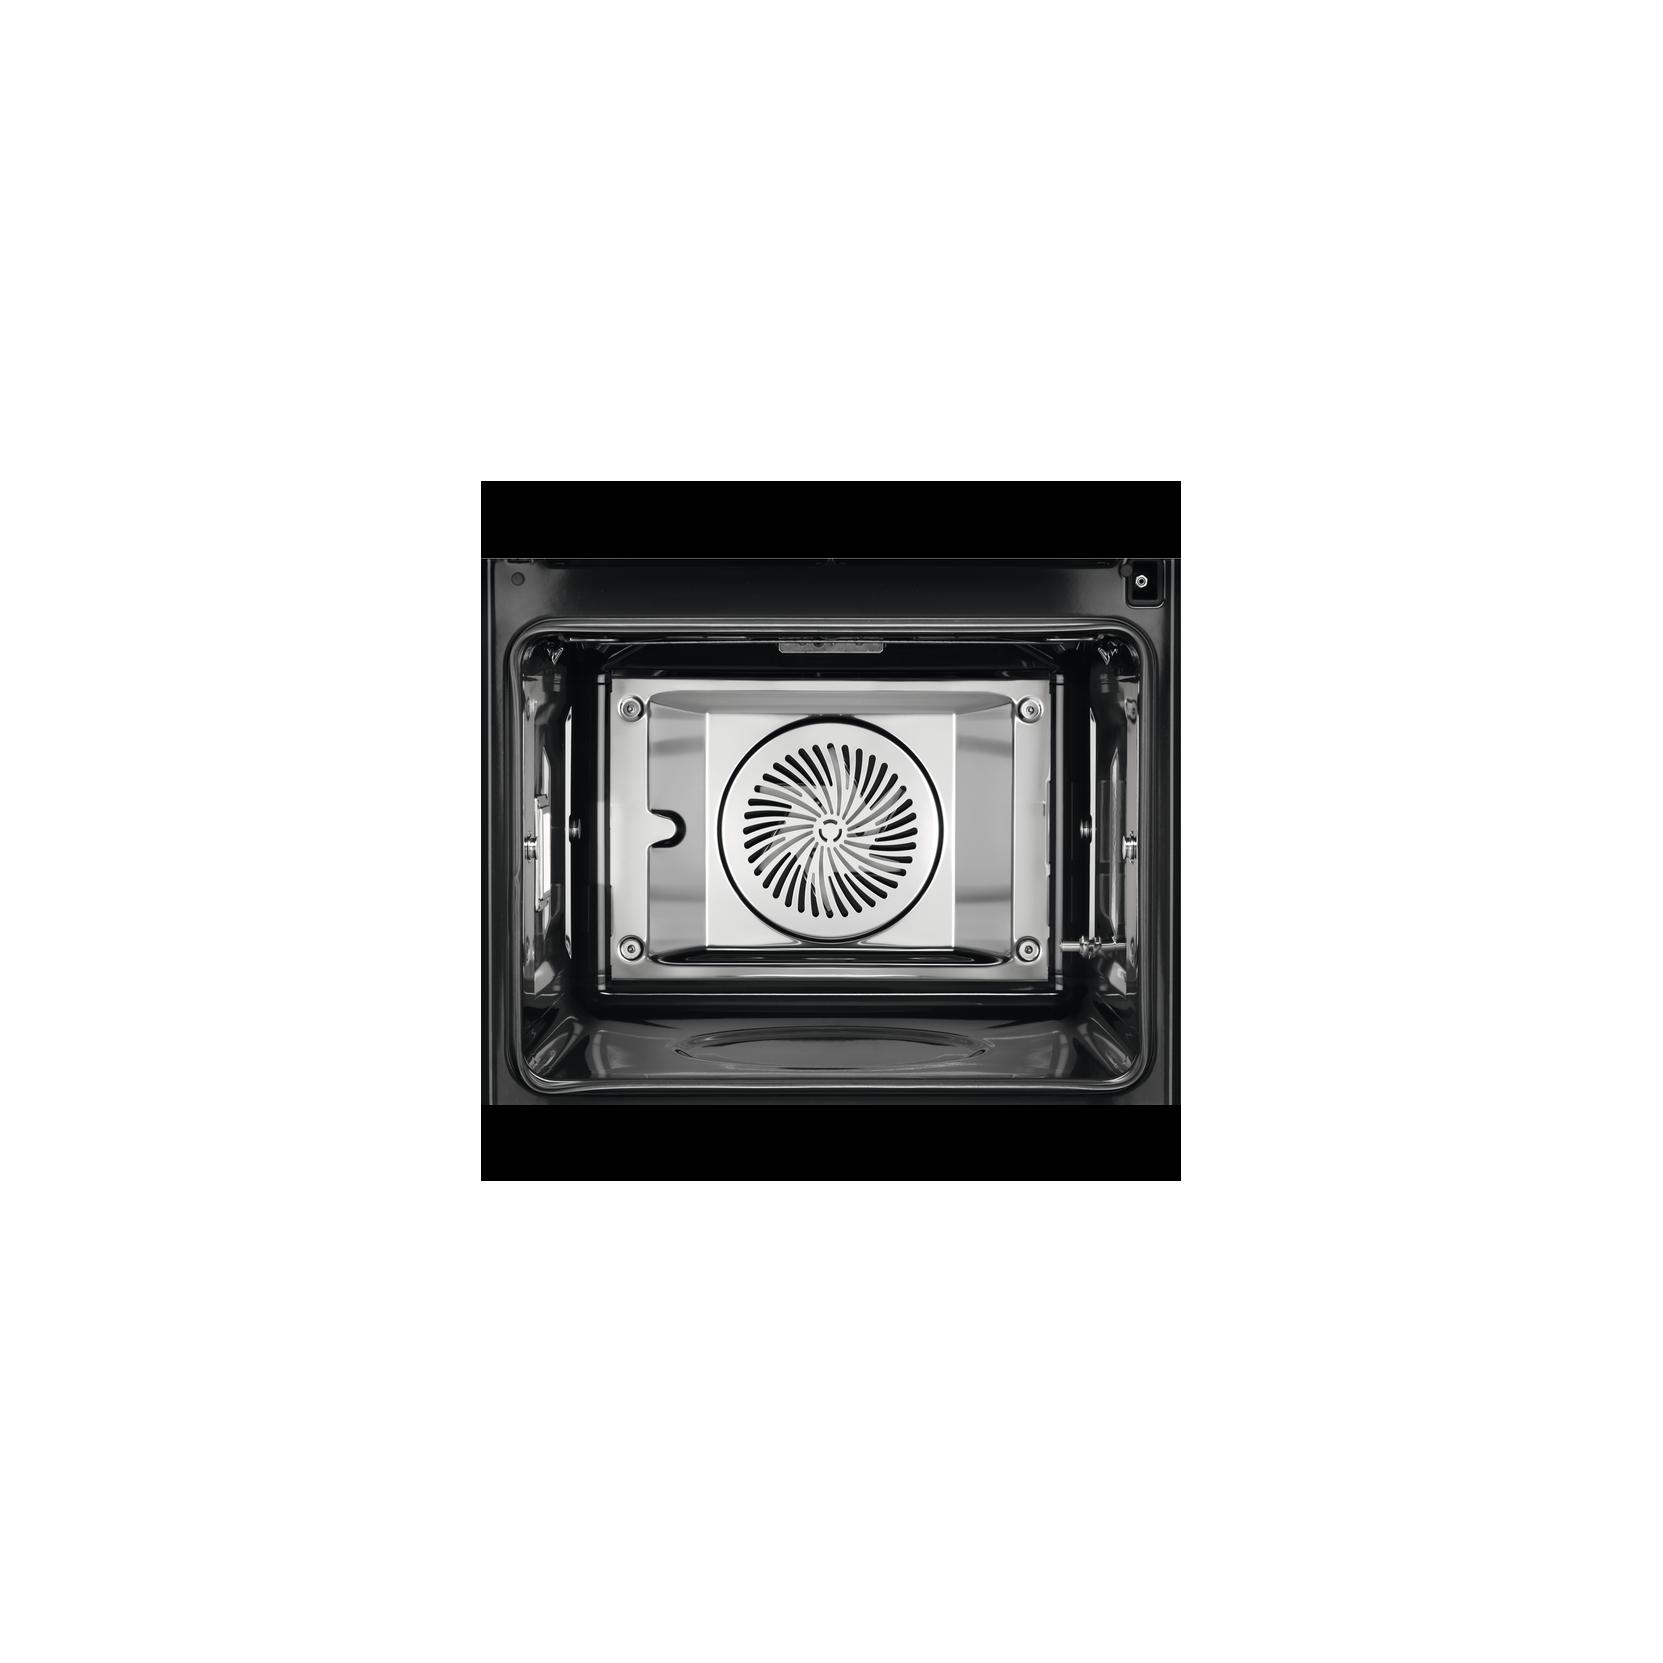 Aeg bsk892230m forno da incasso multifunzione cm 60 a nero steampro con cottura a vapore - Forno con cottura a vapore ...